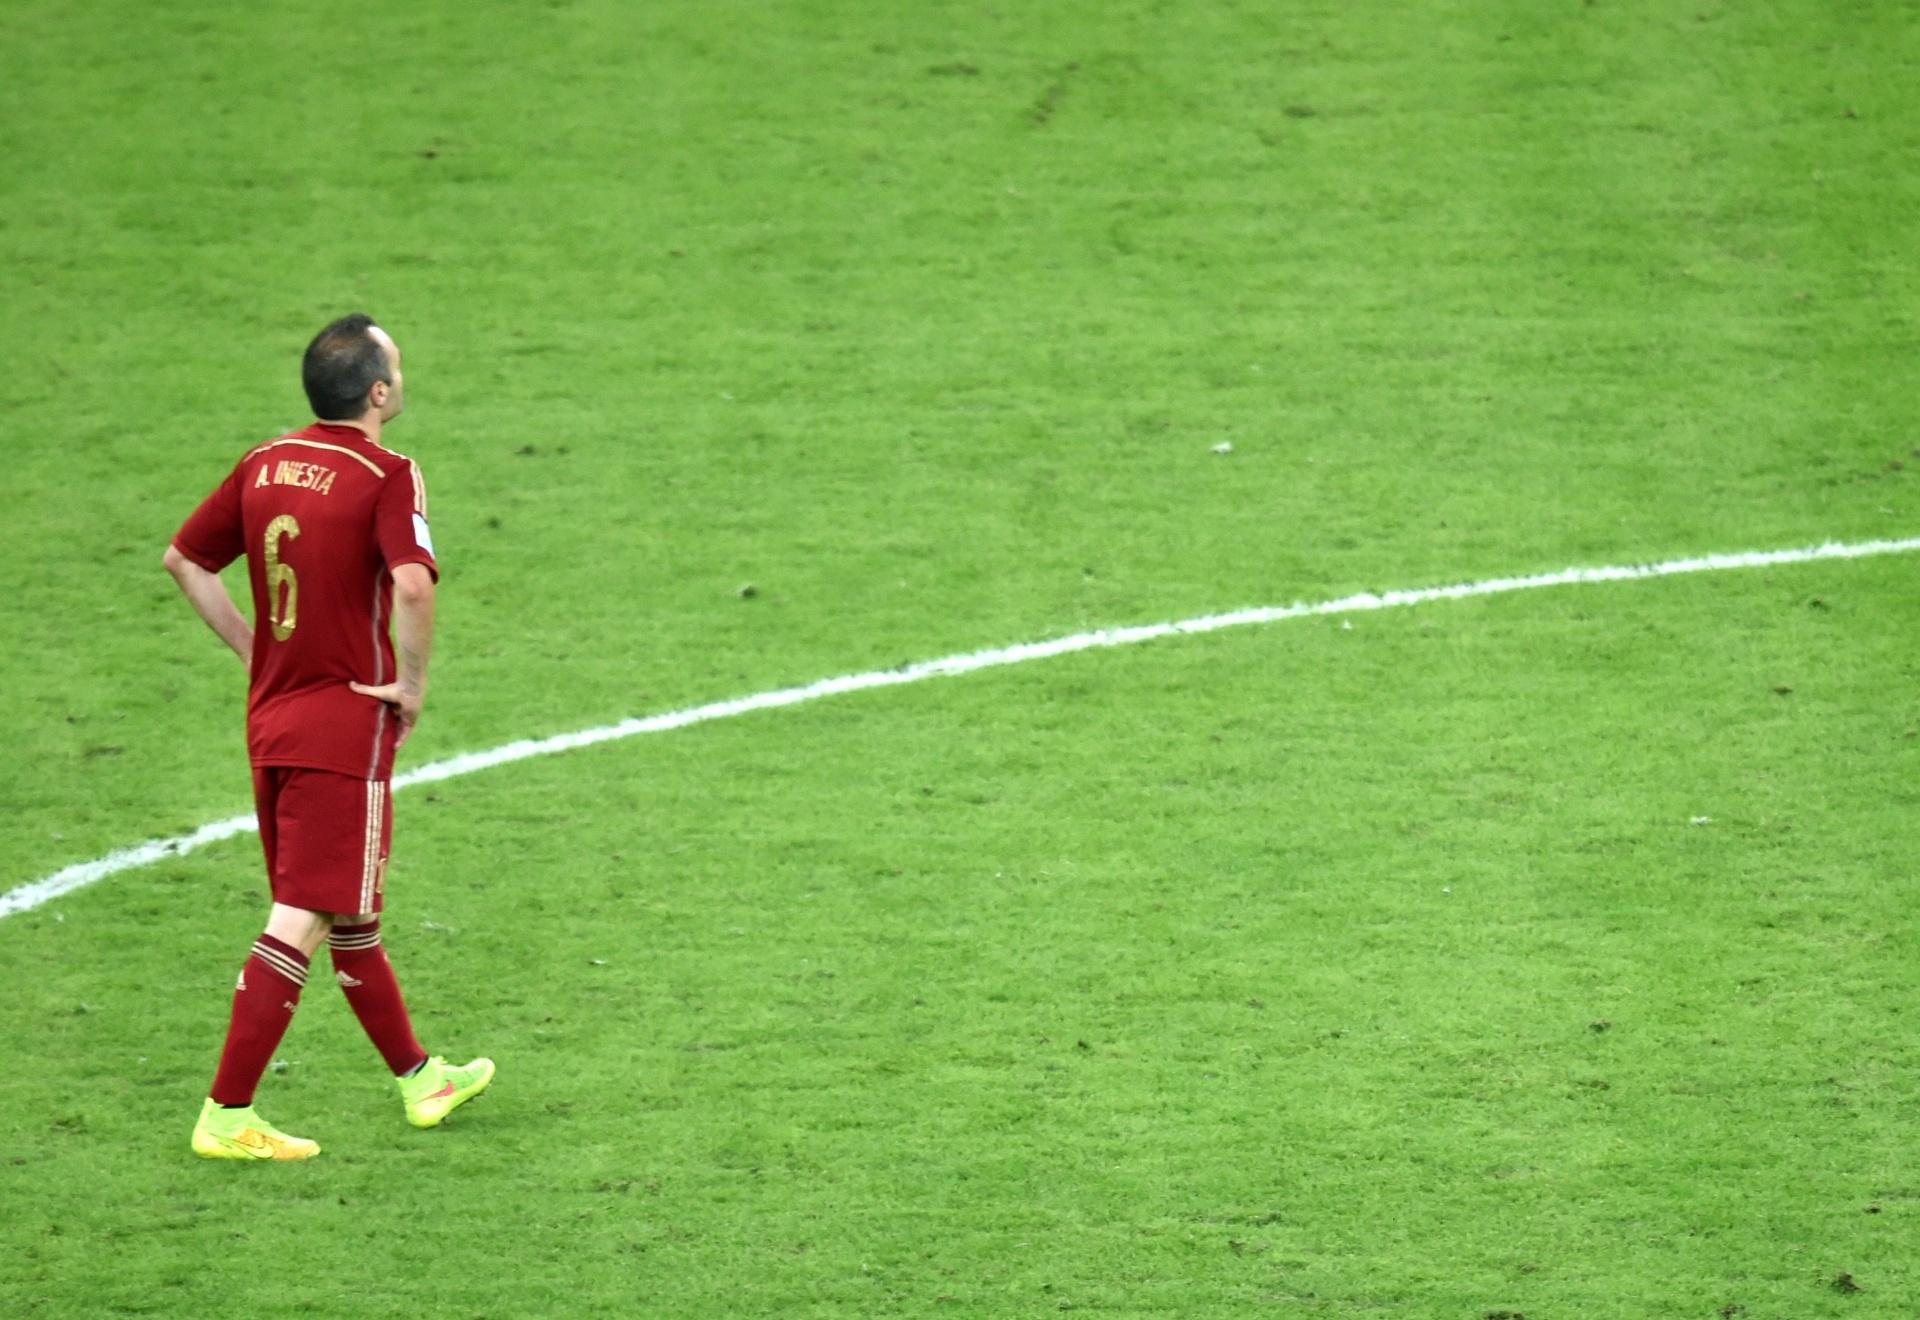 Iniesta caminha sozinho no meio do campo do Maracanã na derrota espanhola para o Chile por 2 a 0